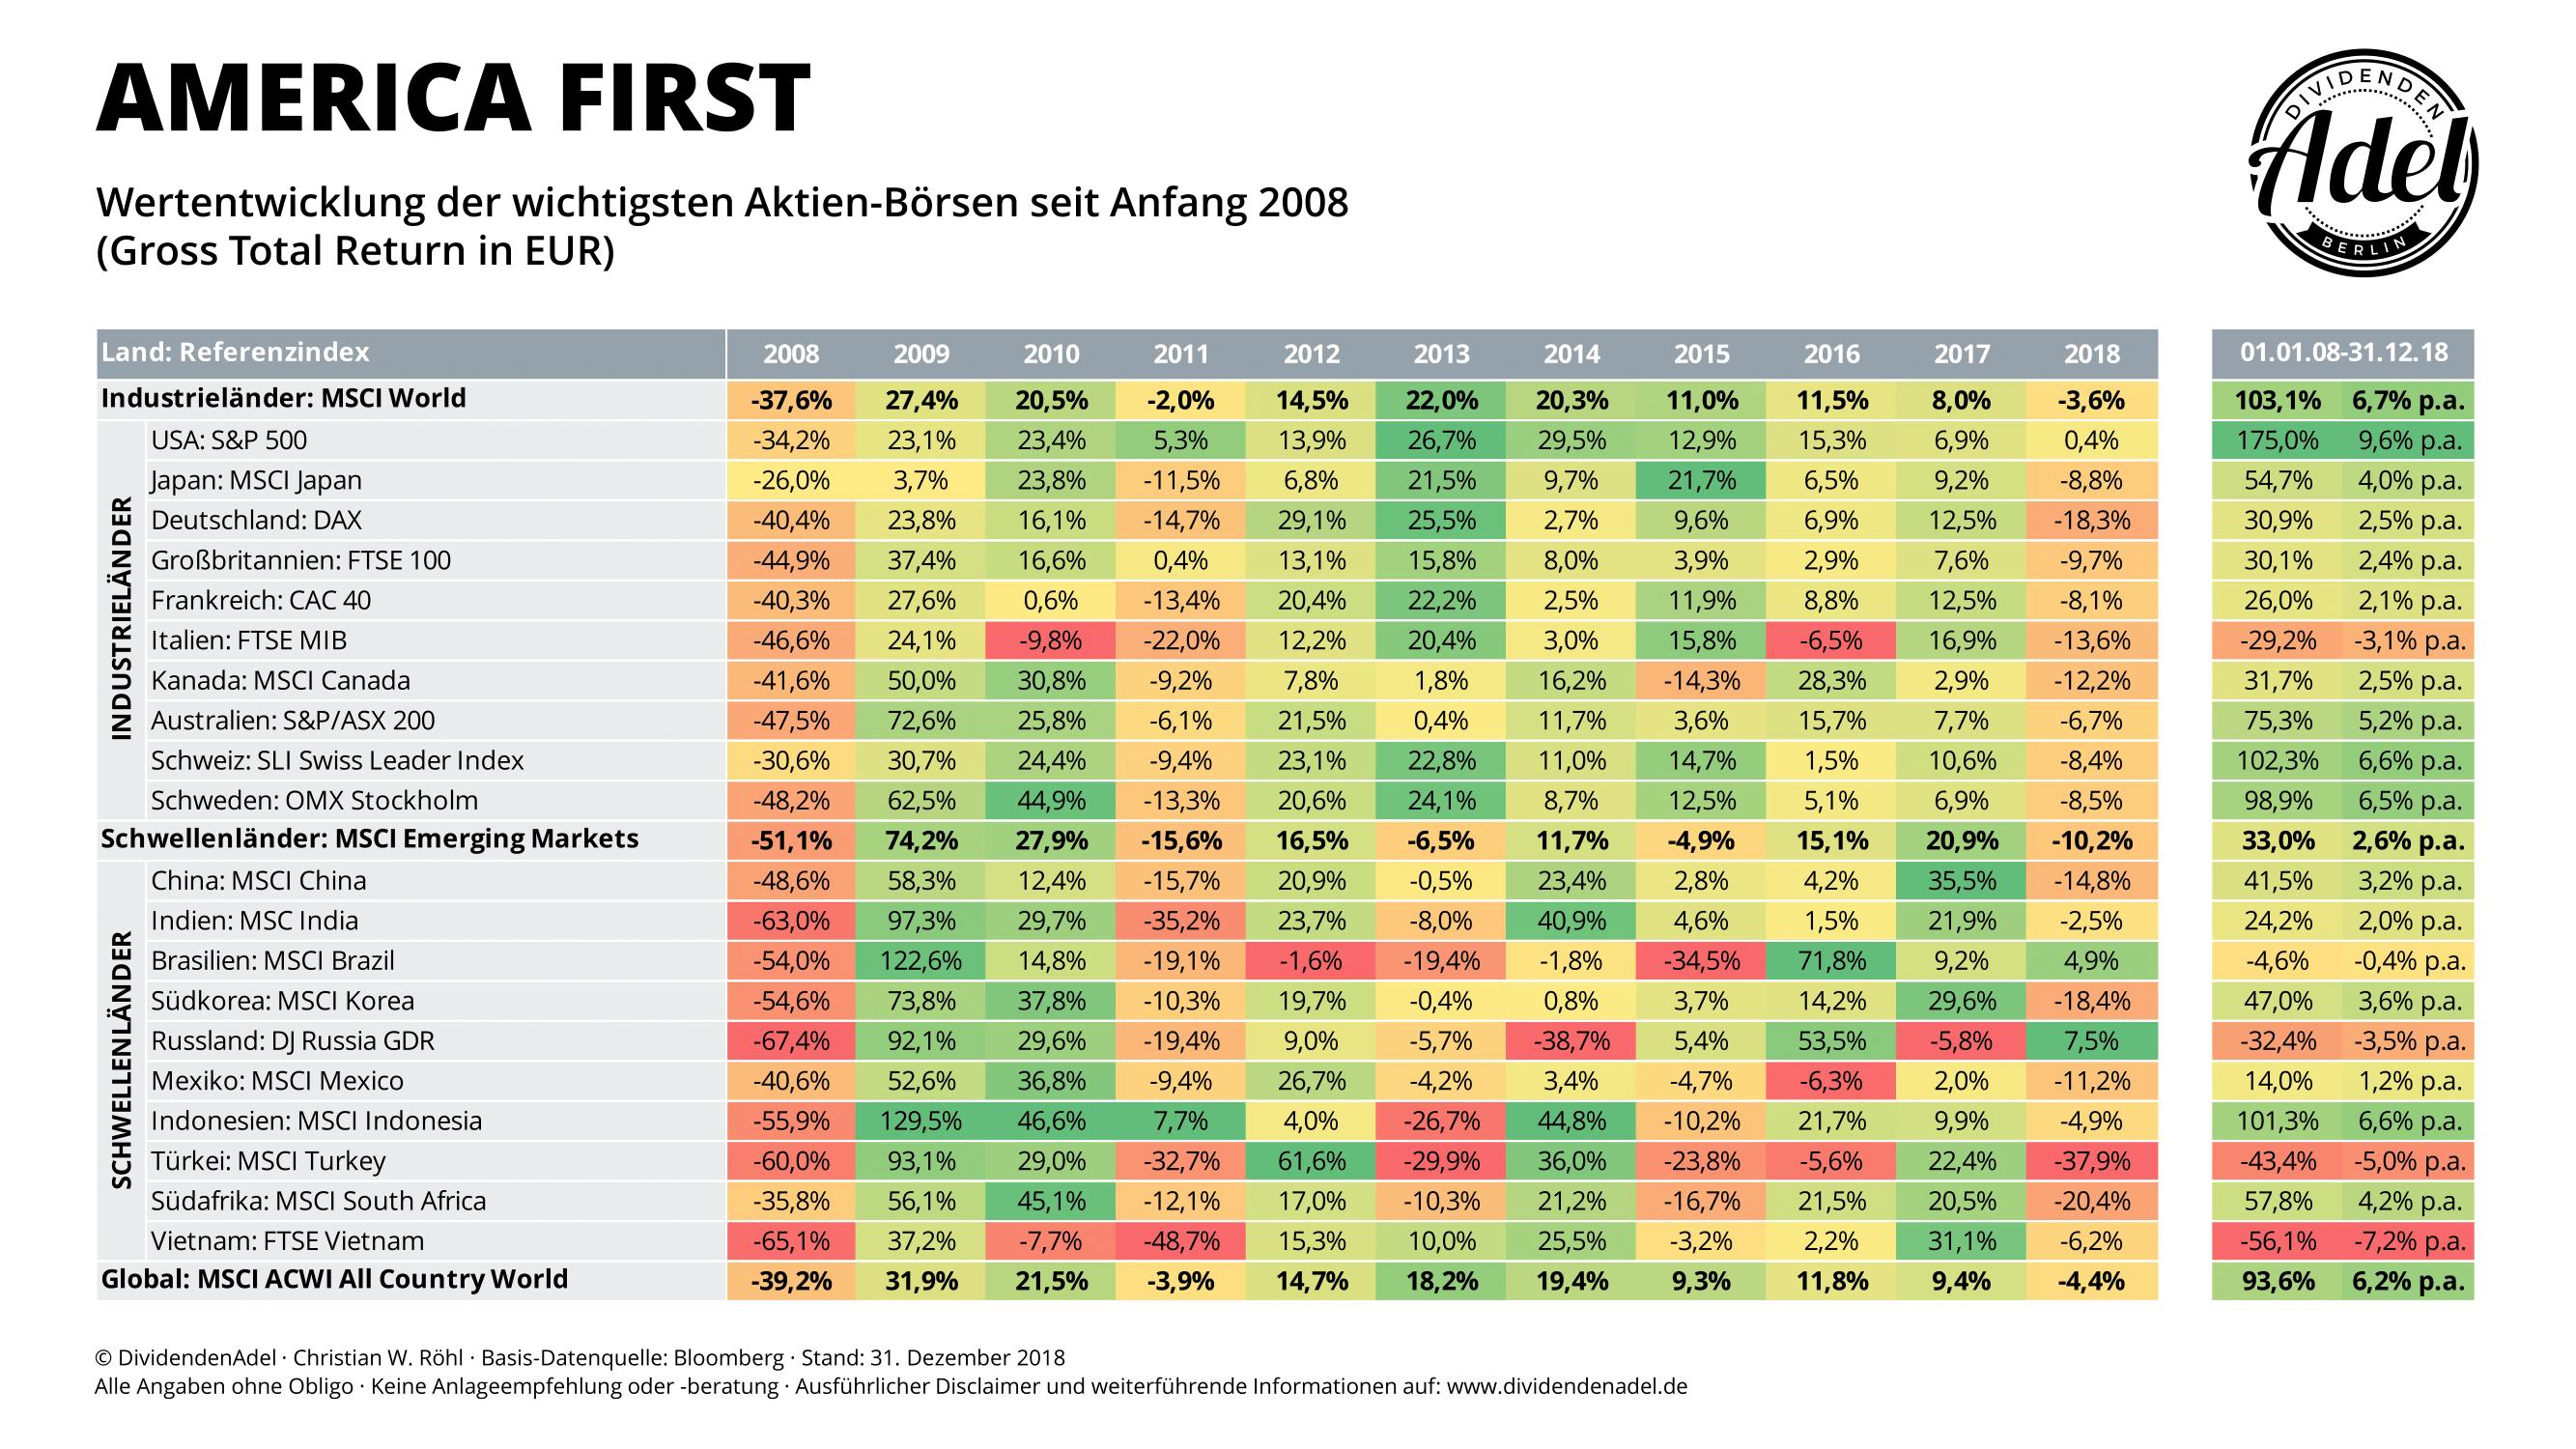 Top Länder-Indices Wertentwicklung YoY 2008-18